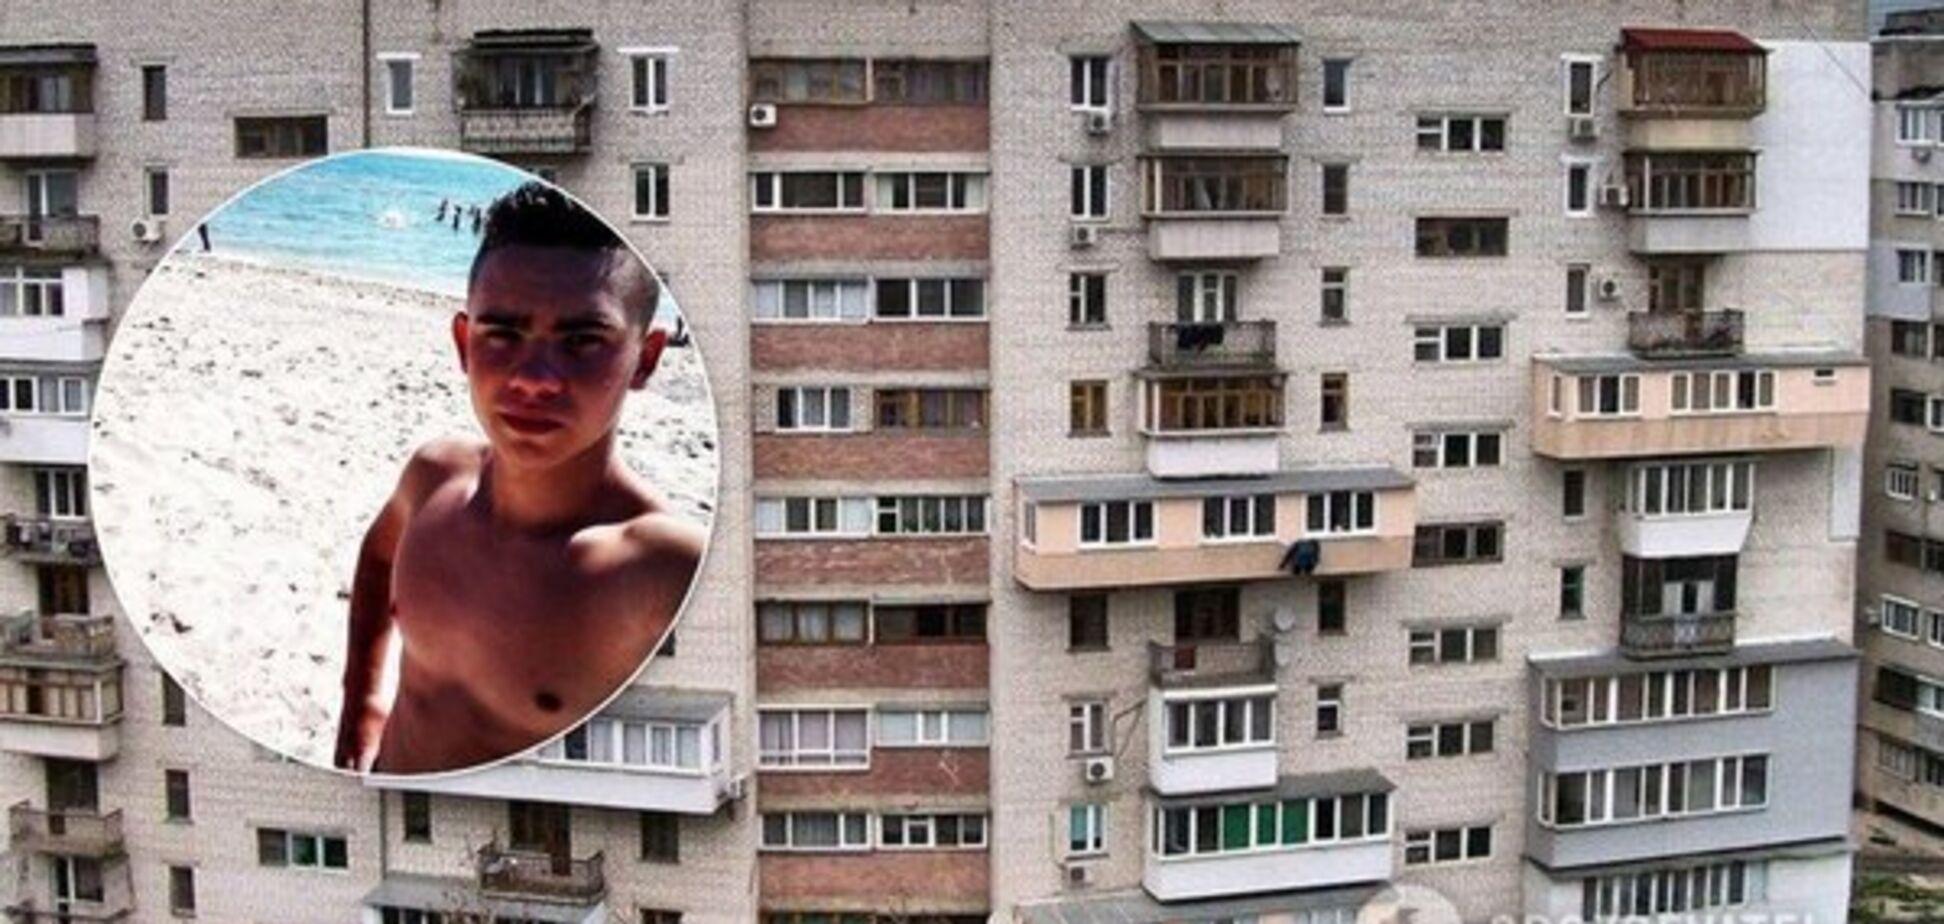 Долго лежал на асфальте: стало известно о состоянии парня, выпавшего из окна под Днепром